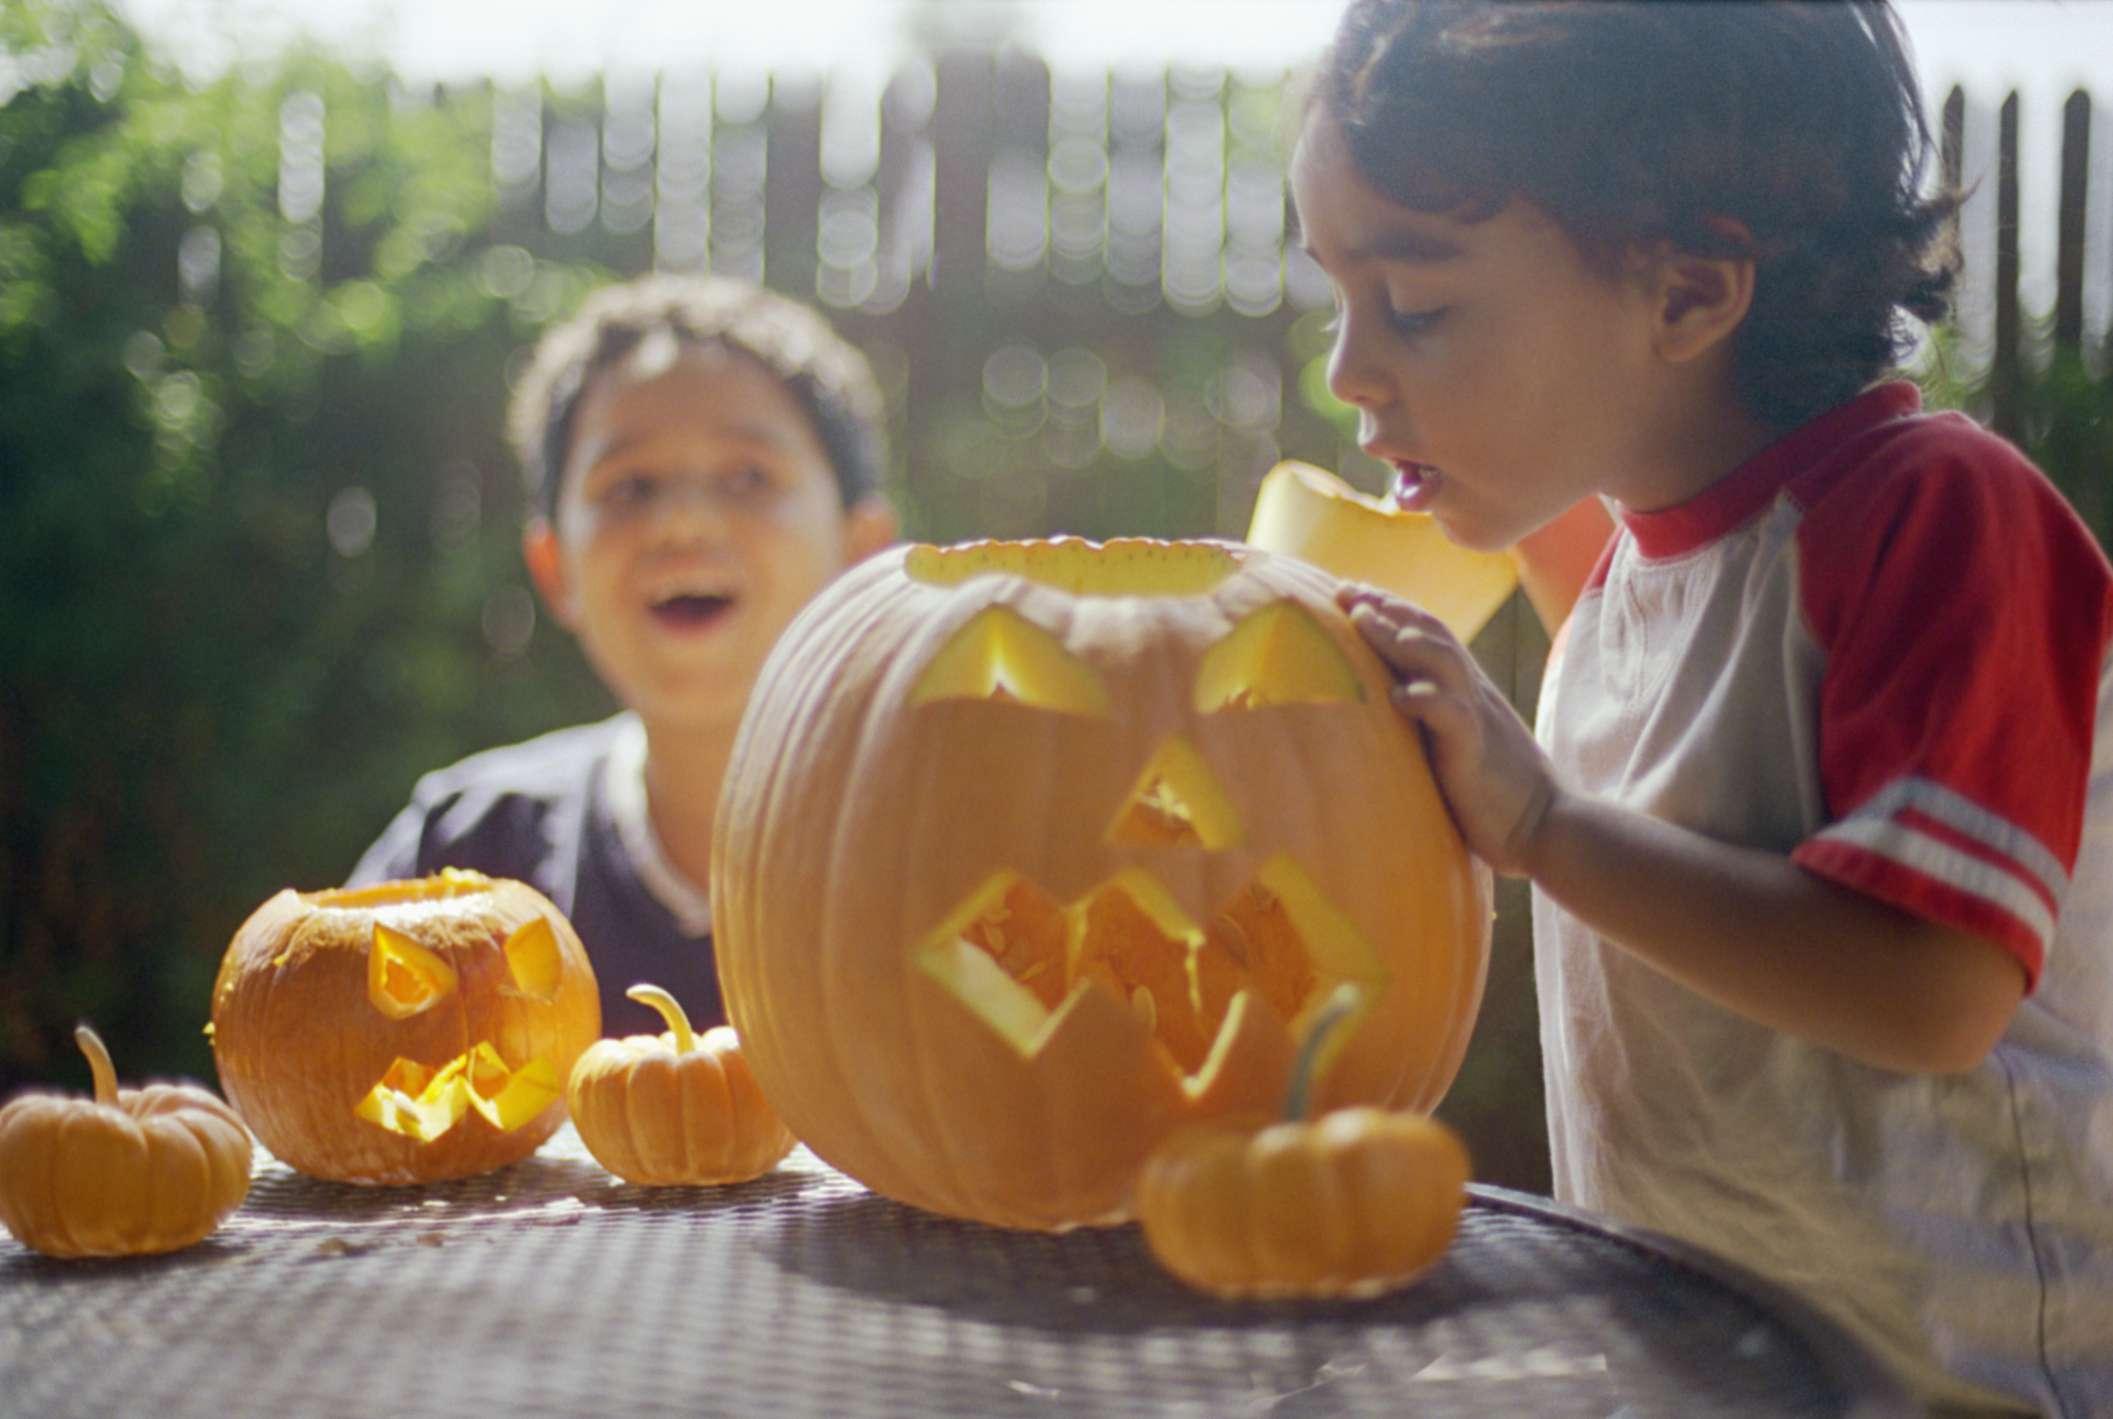 Kids decorating pumpkins